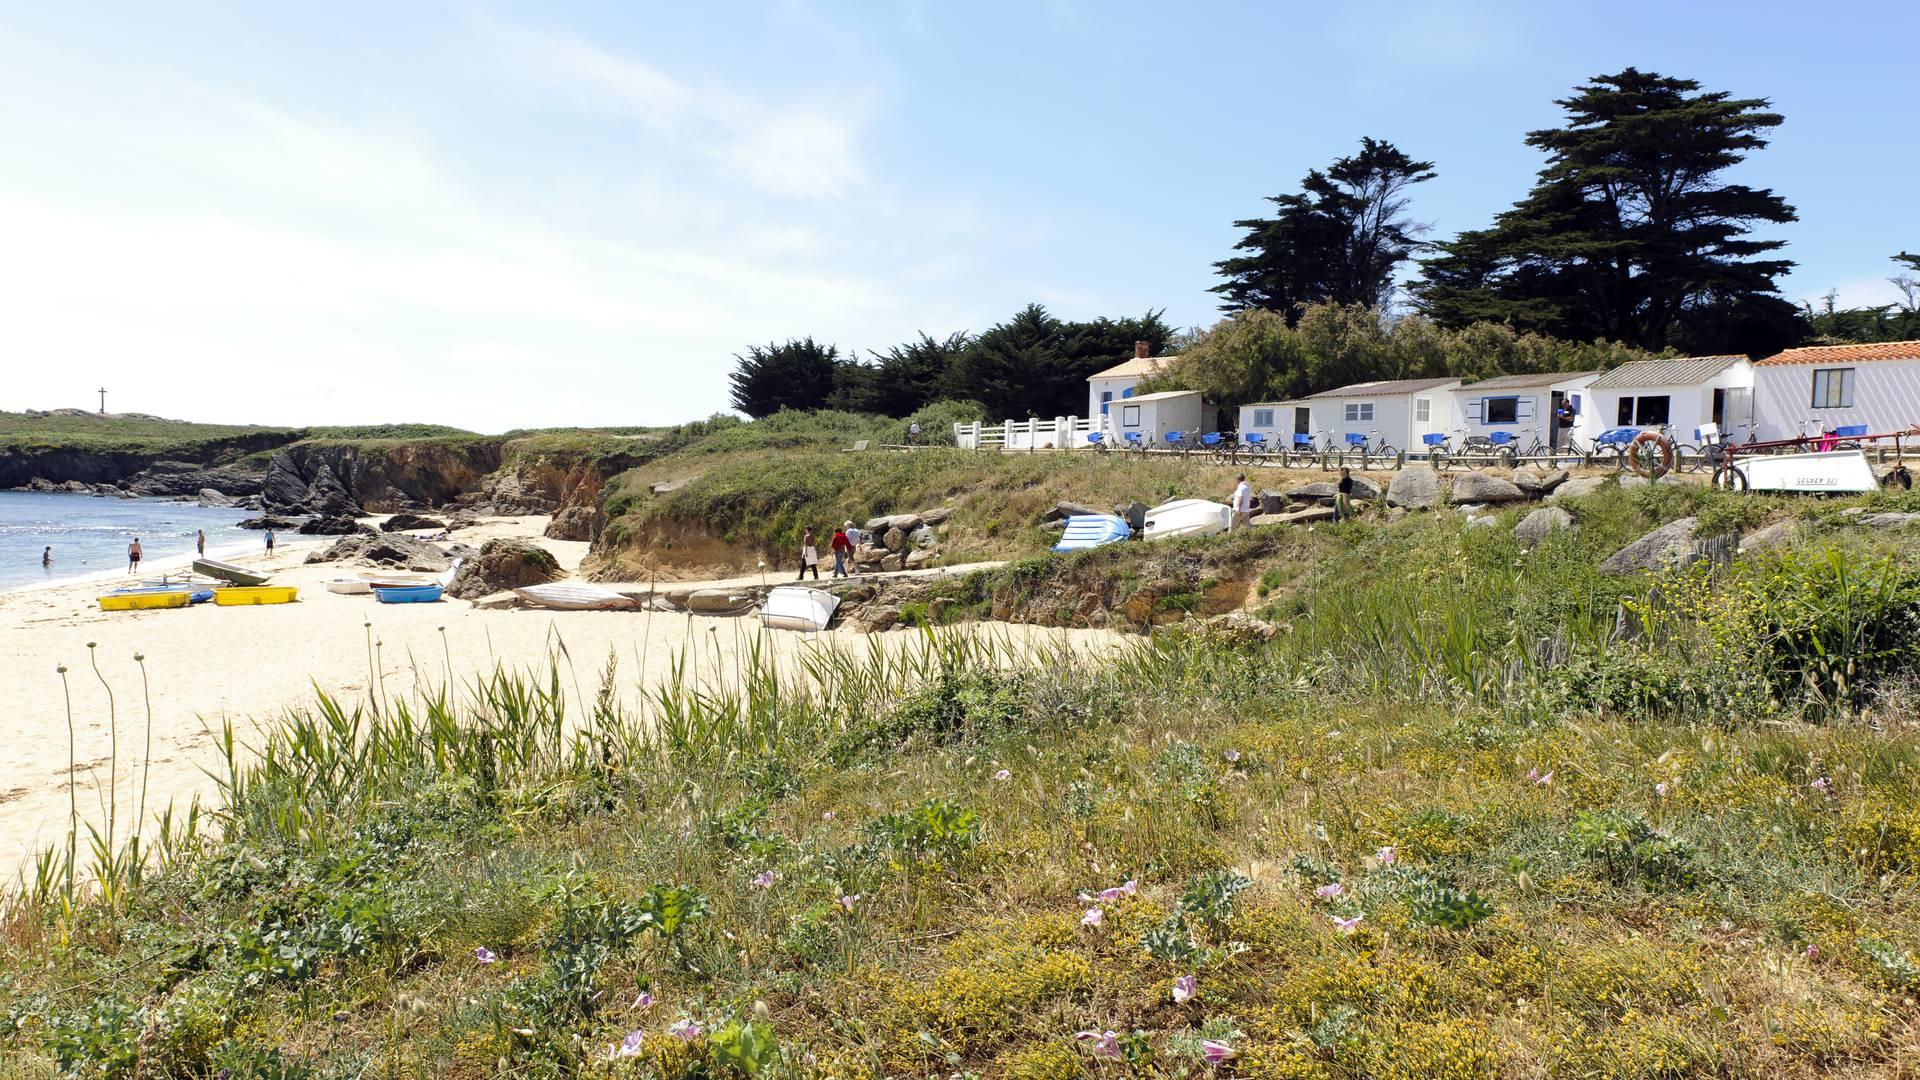 Plage des Sabias, cabanon de plage, Ile d'Yeu